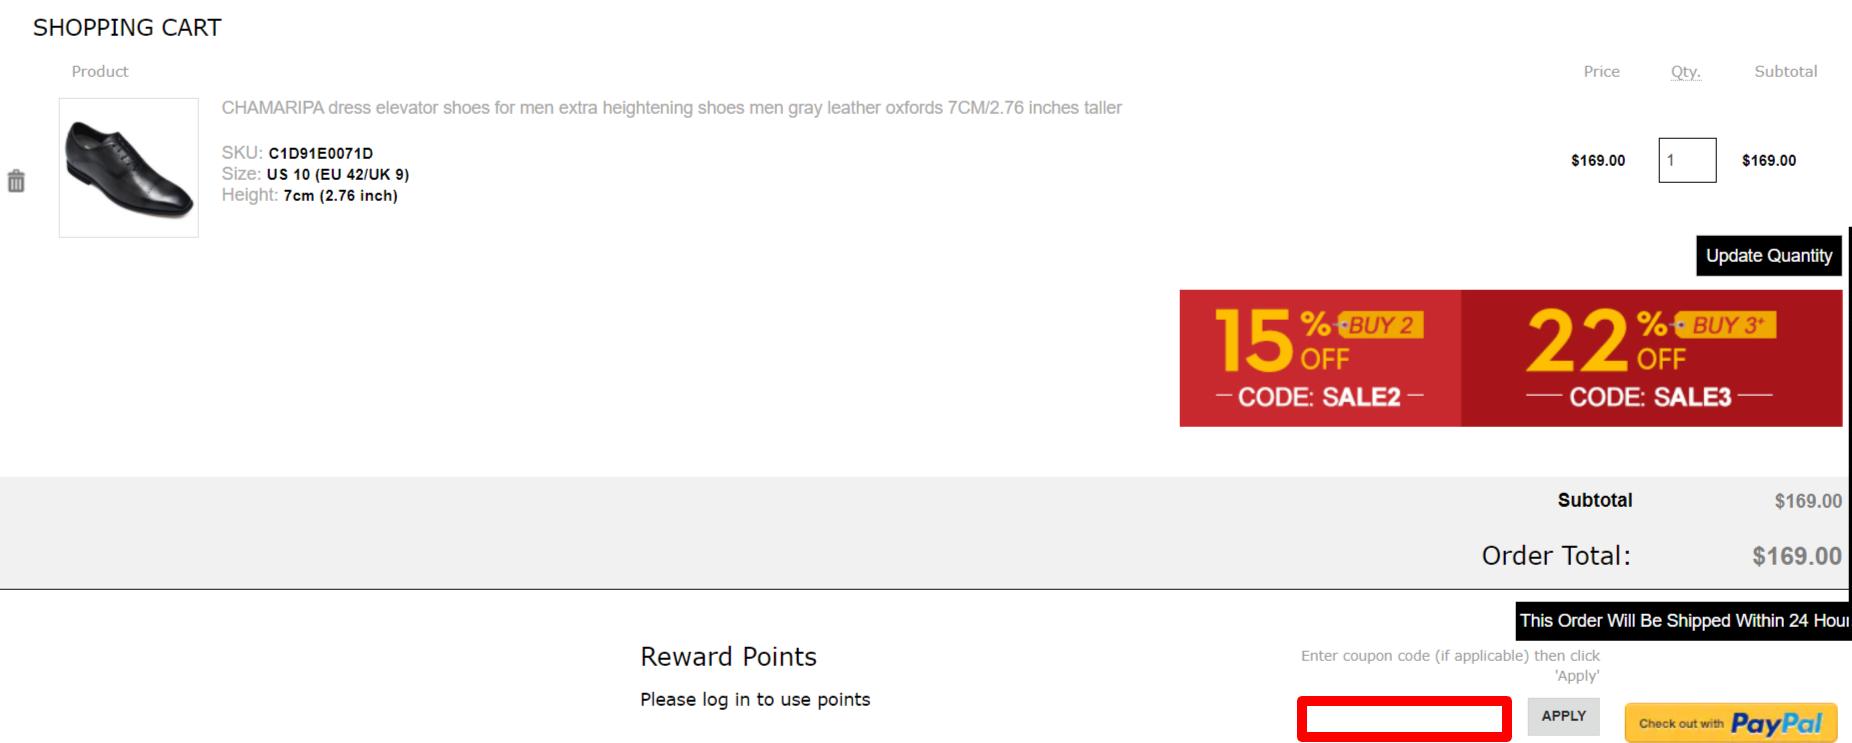 Chamaripa Discount Code